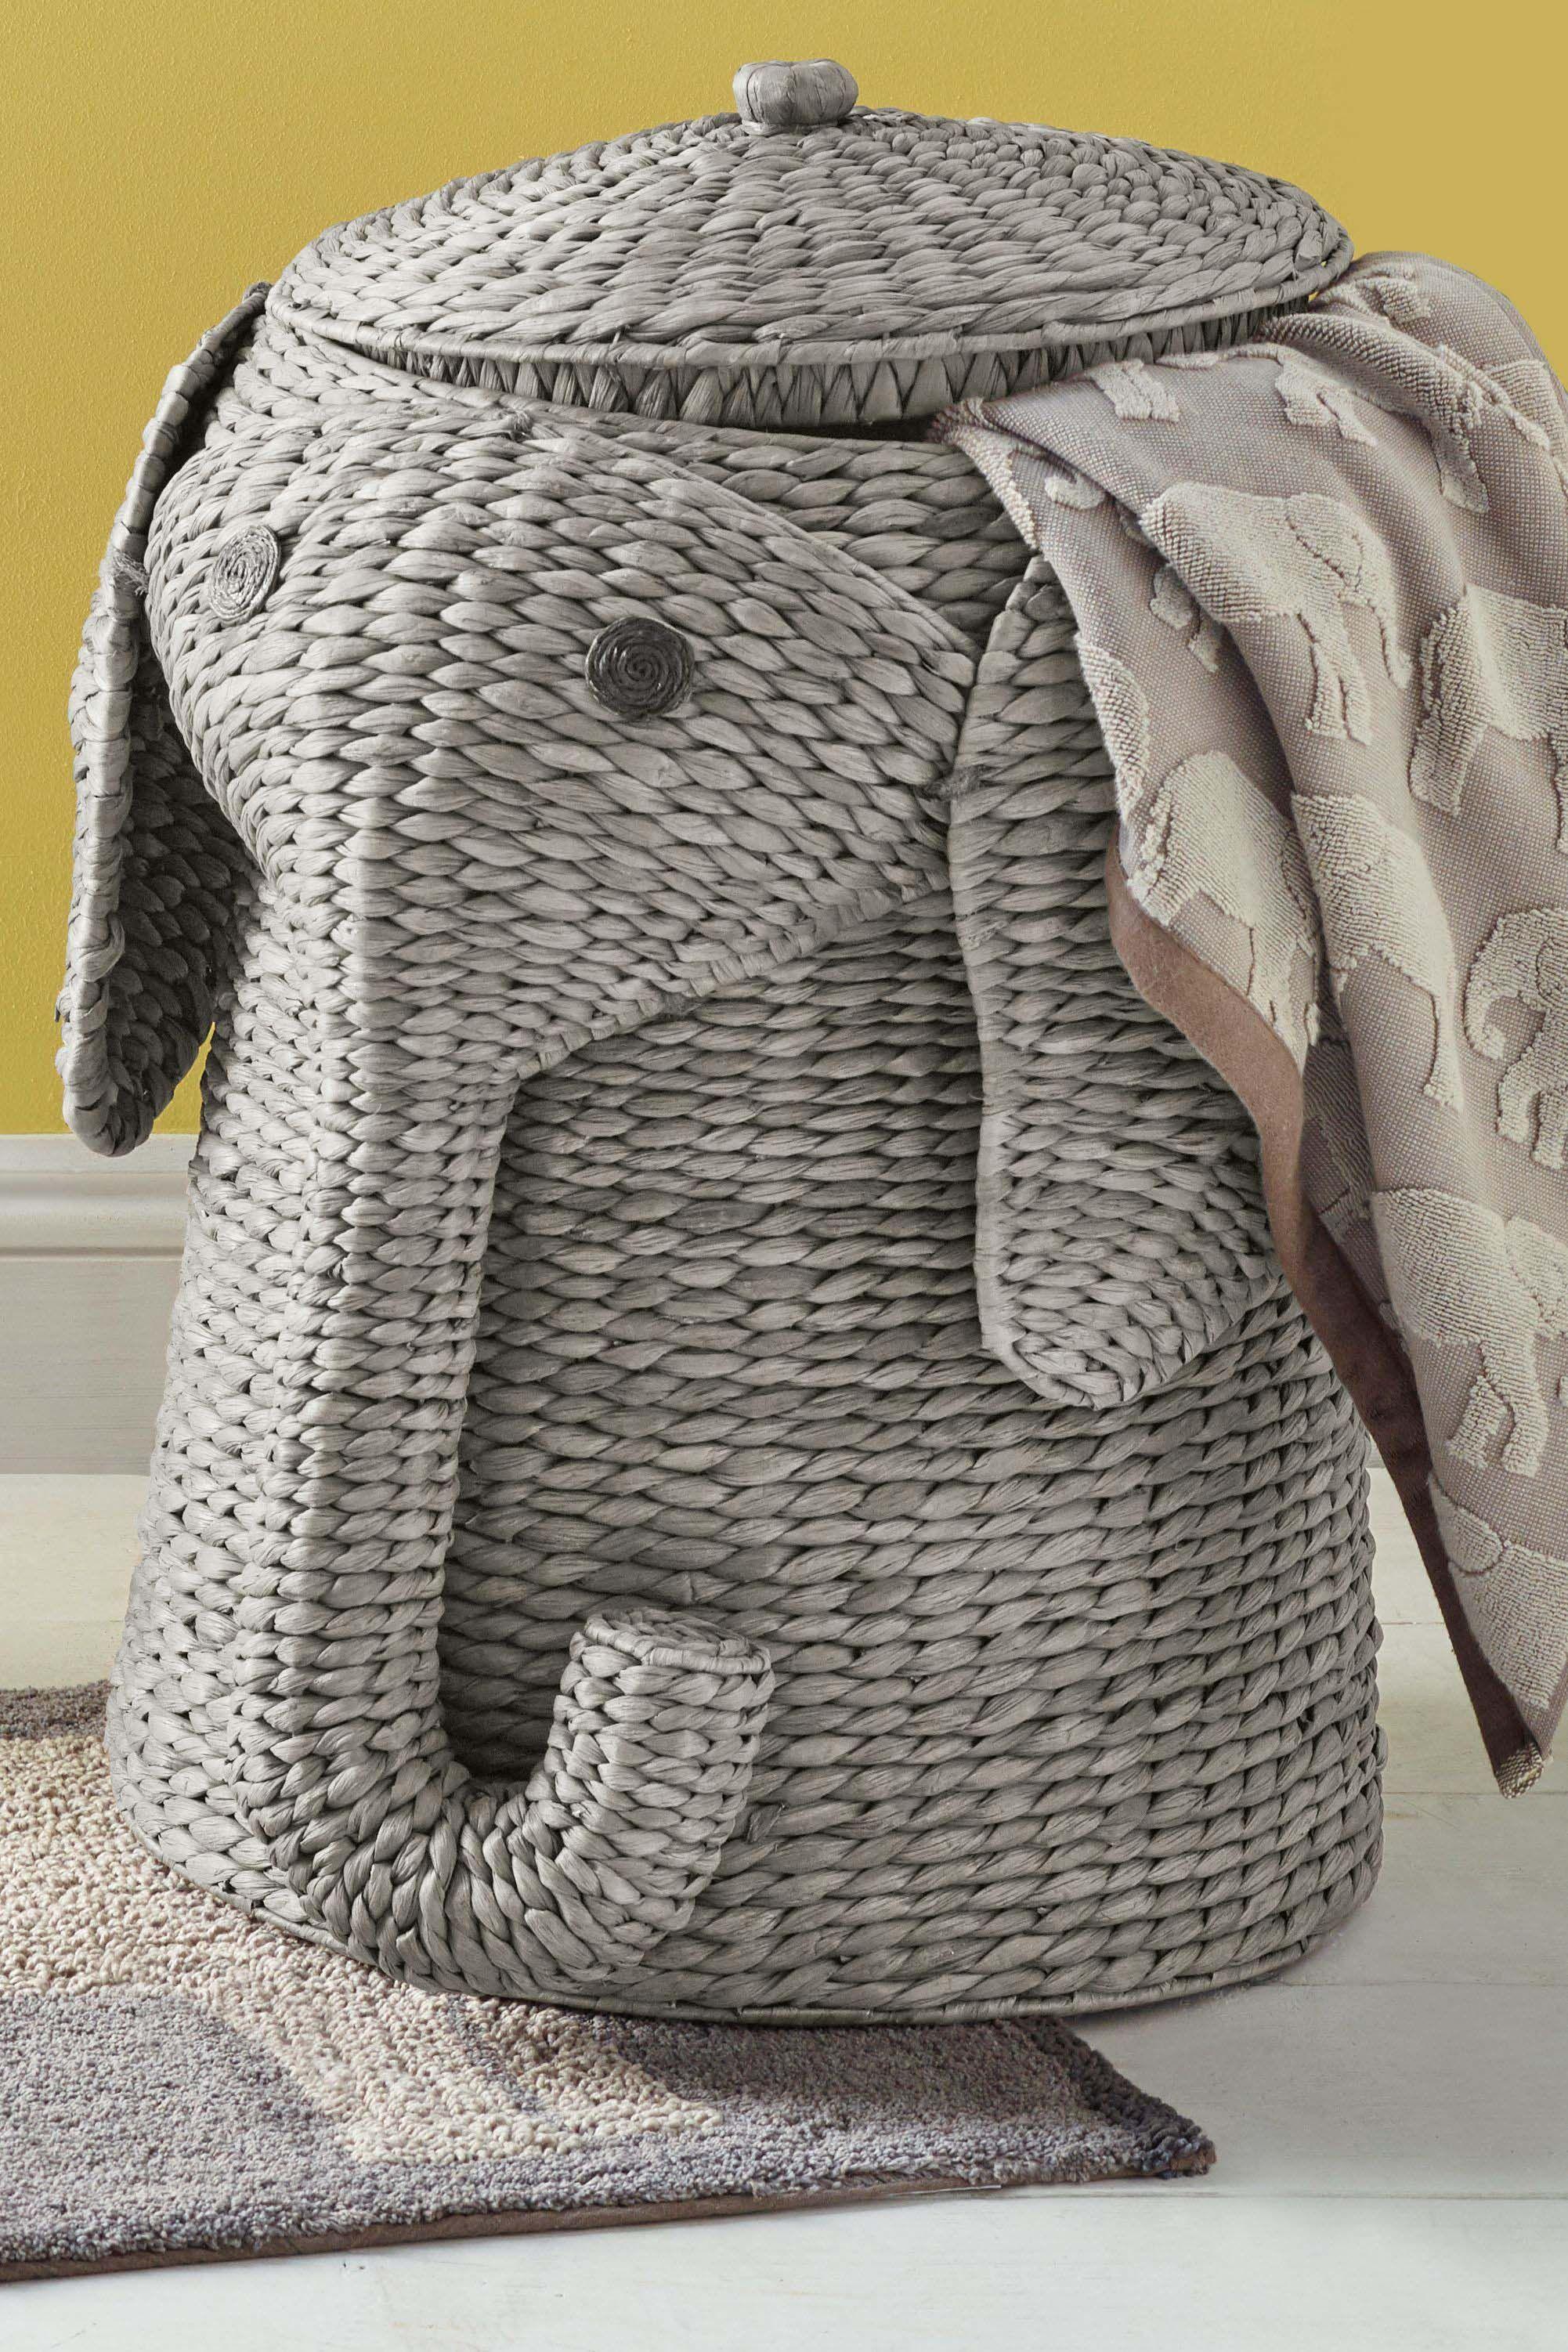 Elephant Laundry Basket in 2020 Laundry basket, Laundry